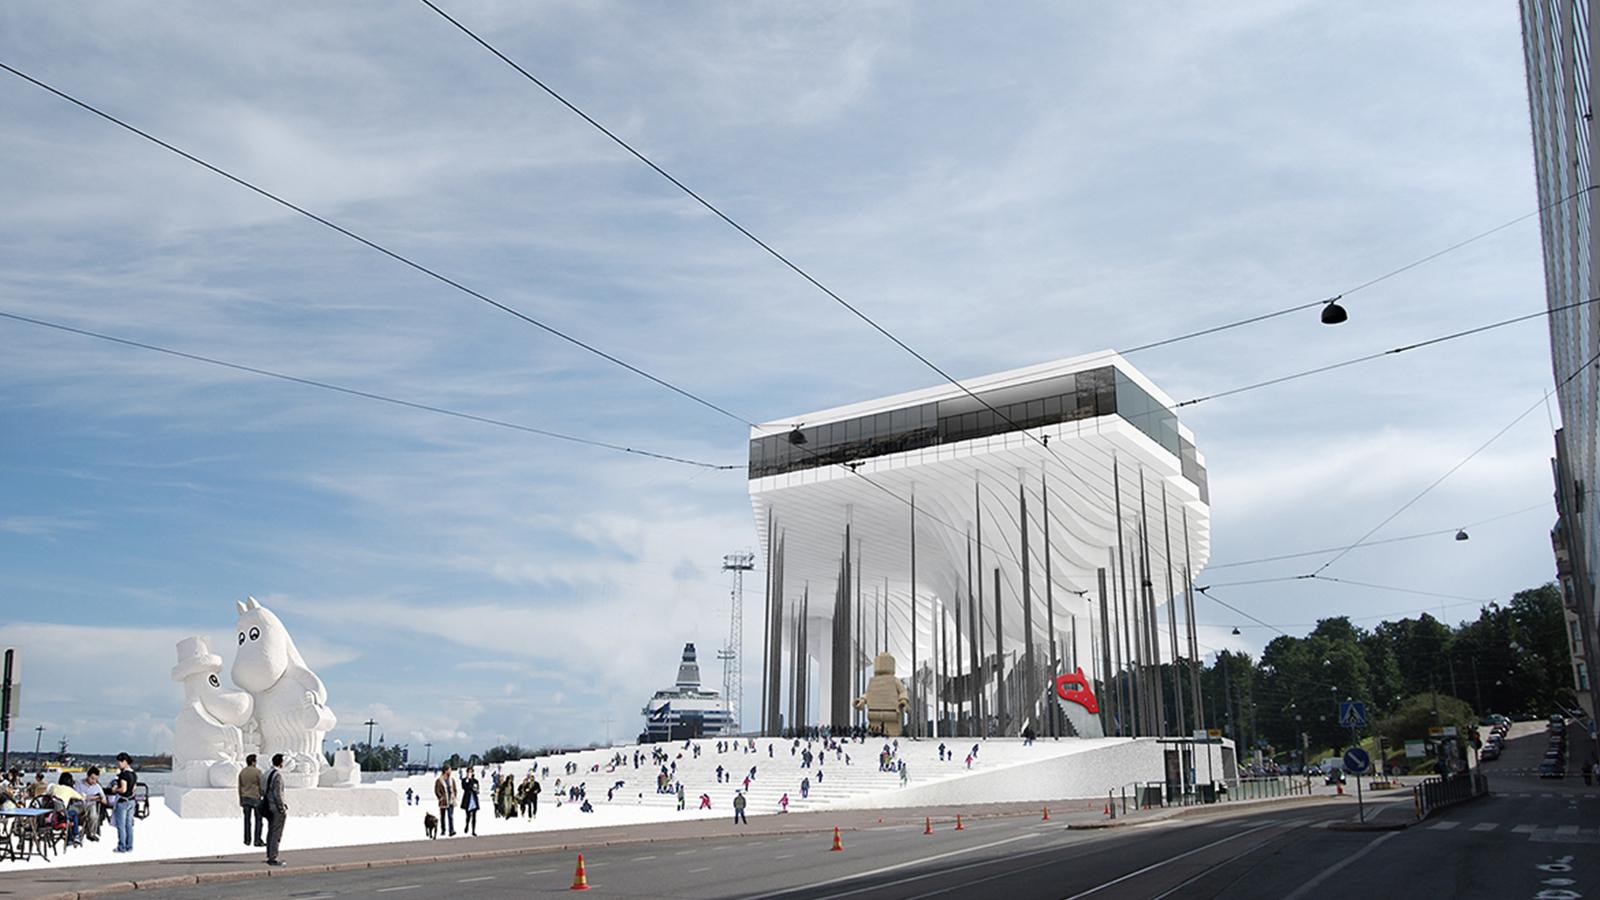 MJZ_Helsinki-sKy (4)